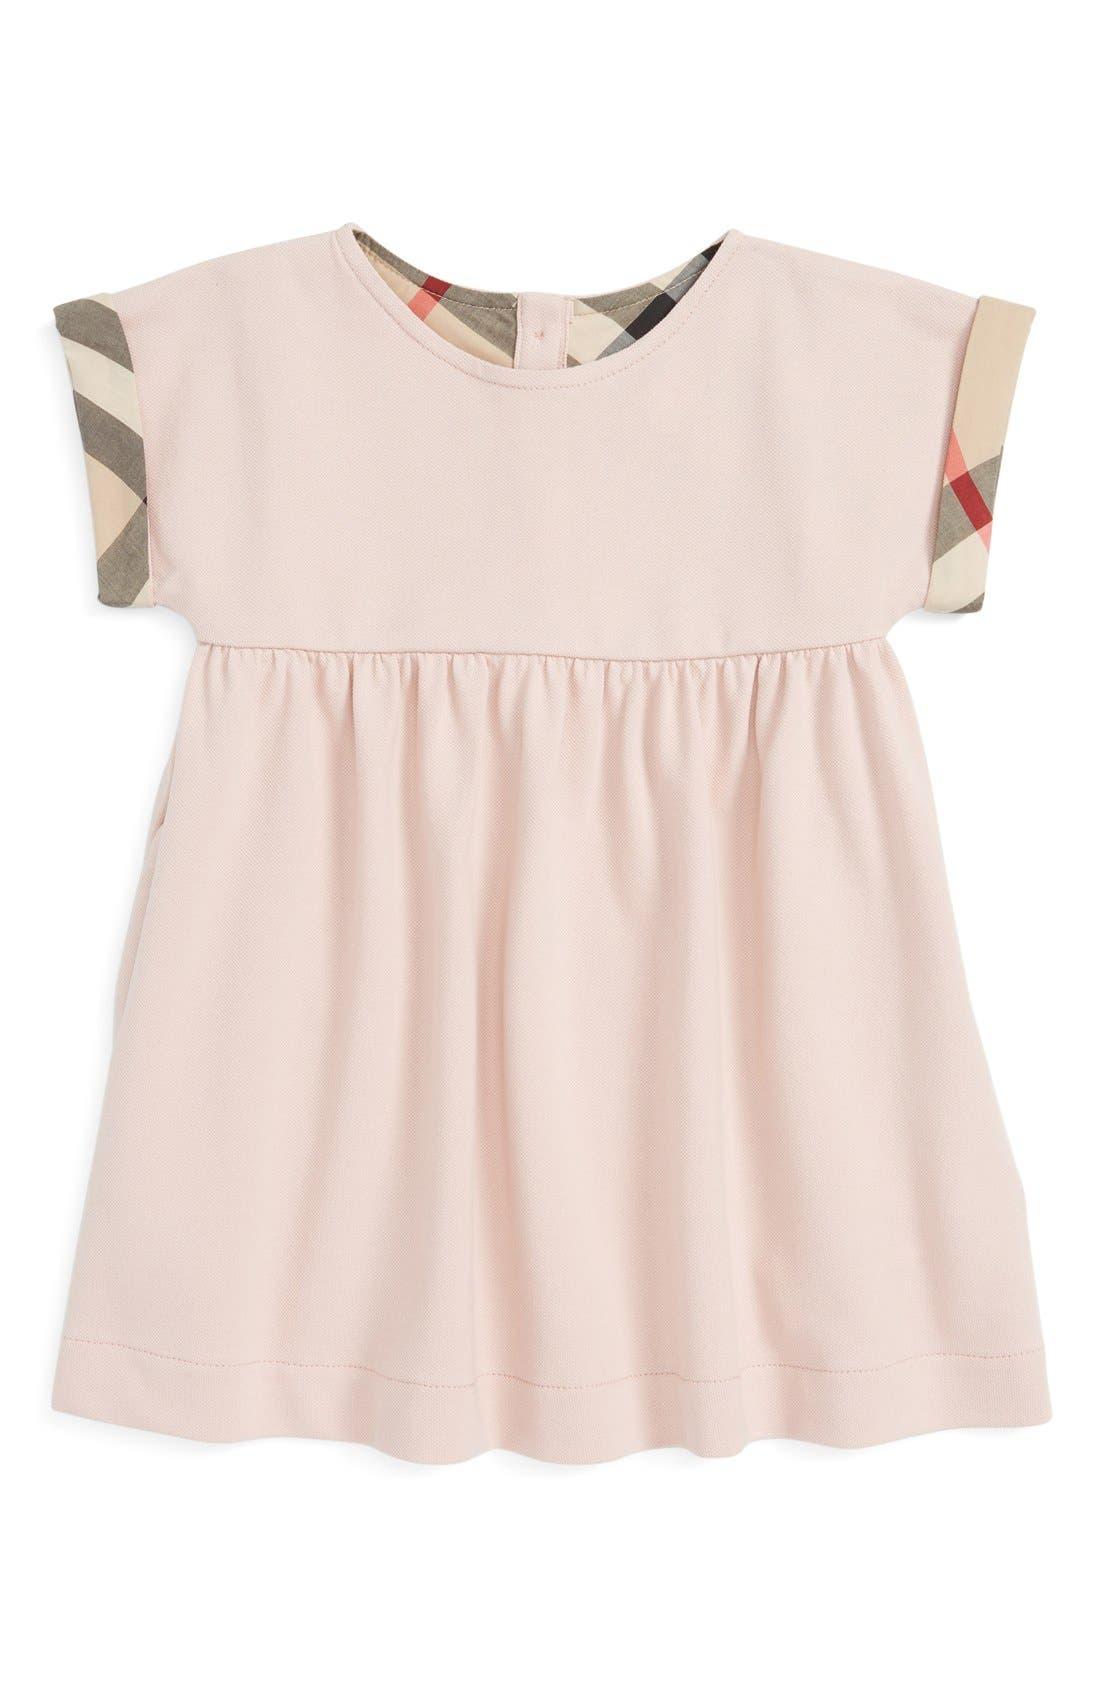 Burberry Jen Piqué Dress Baby Girls